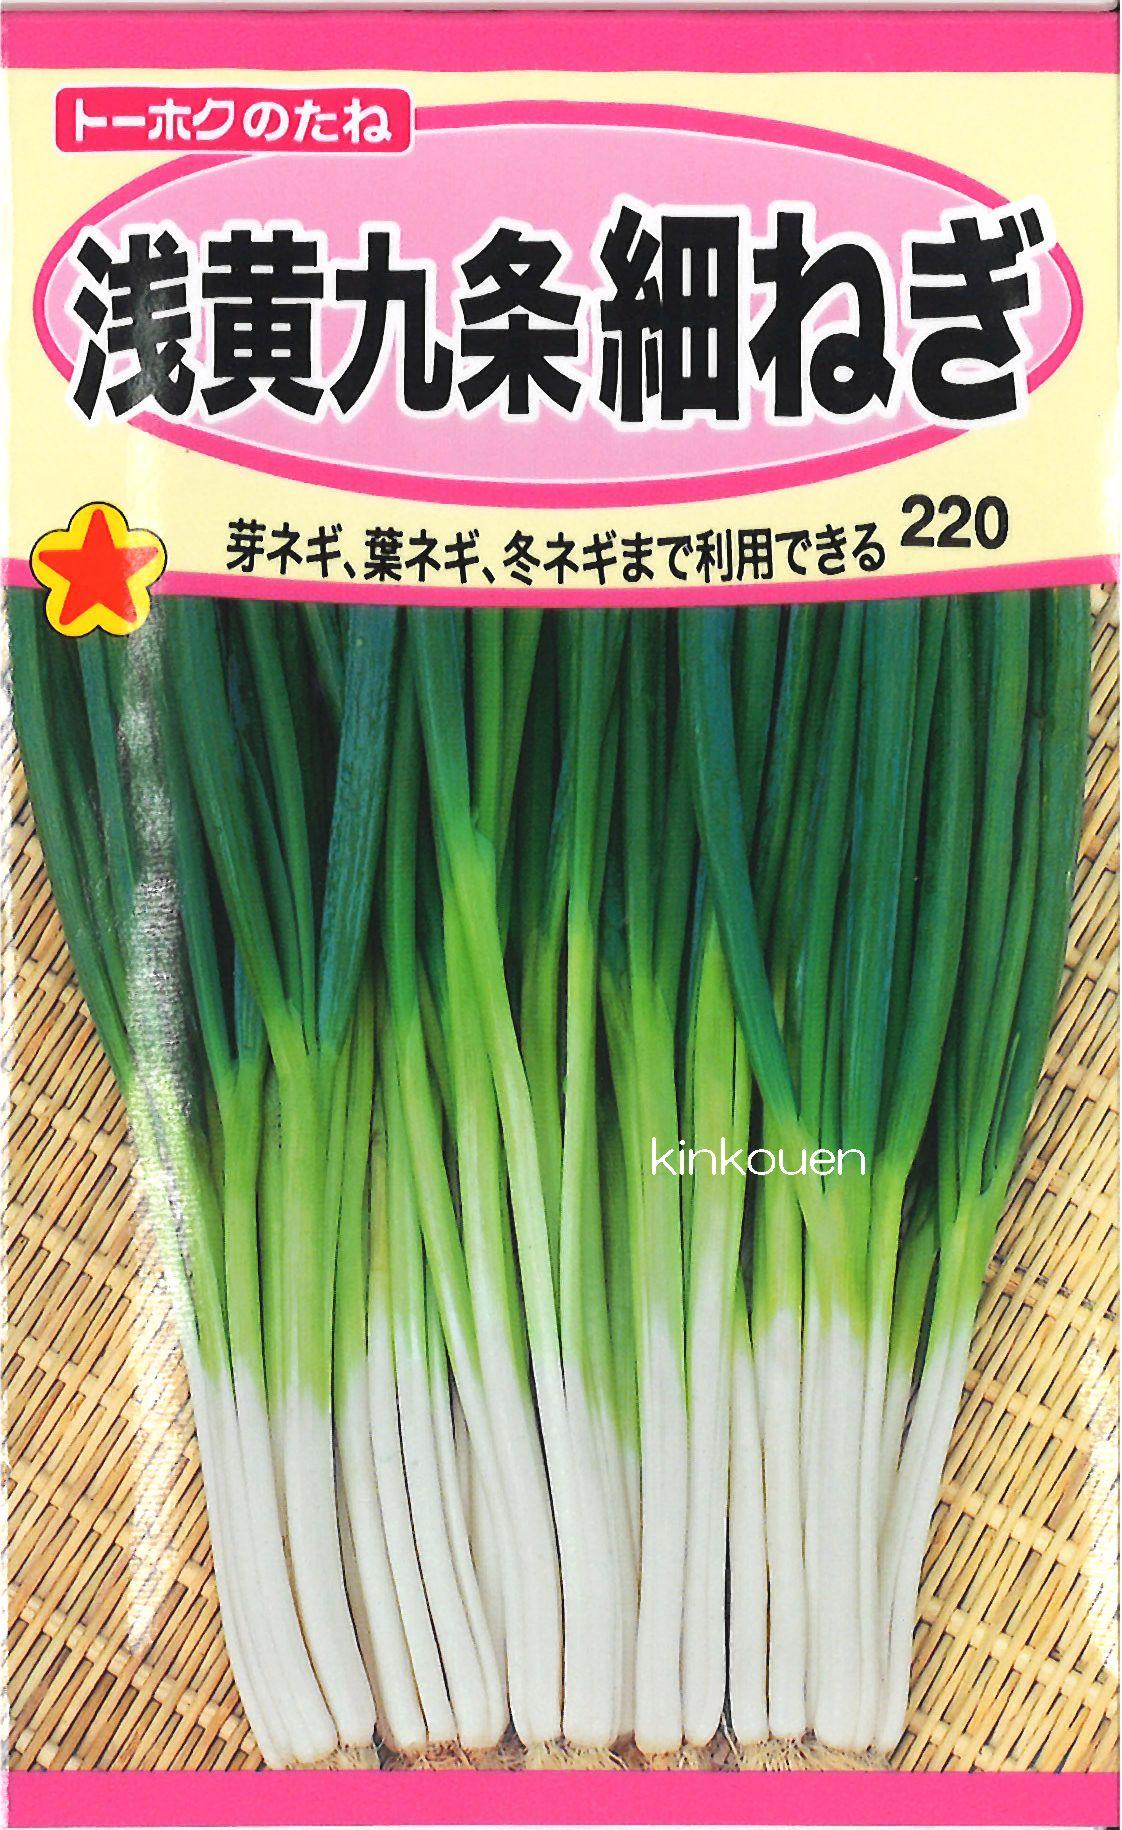 【代引不可】【5袋まで送料80円】□浅黄九条細ねぎ